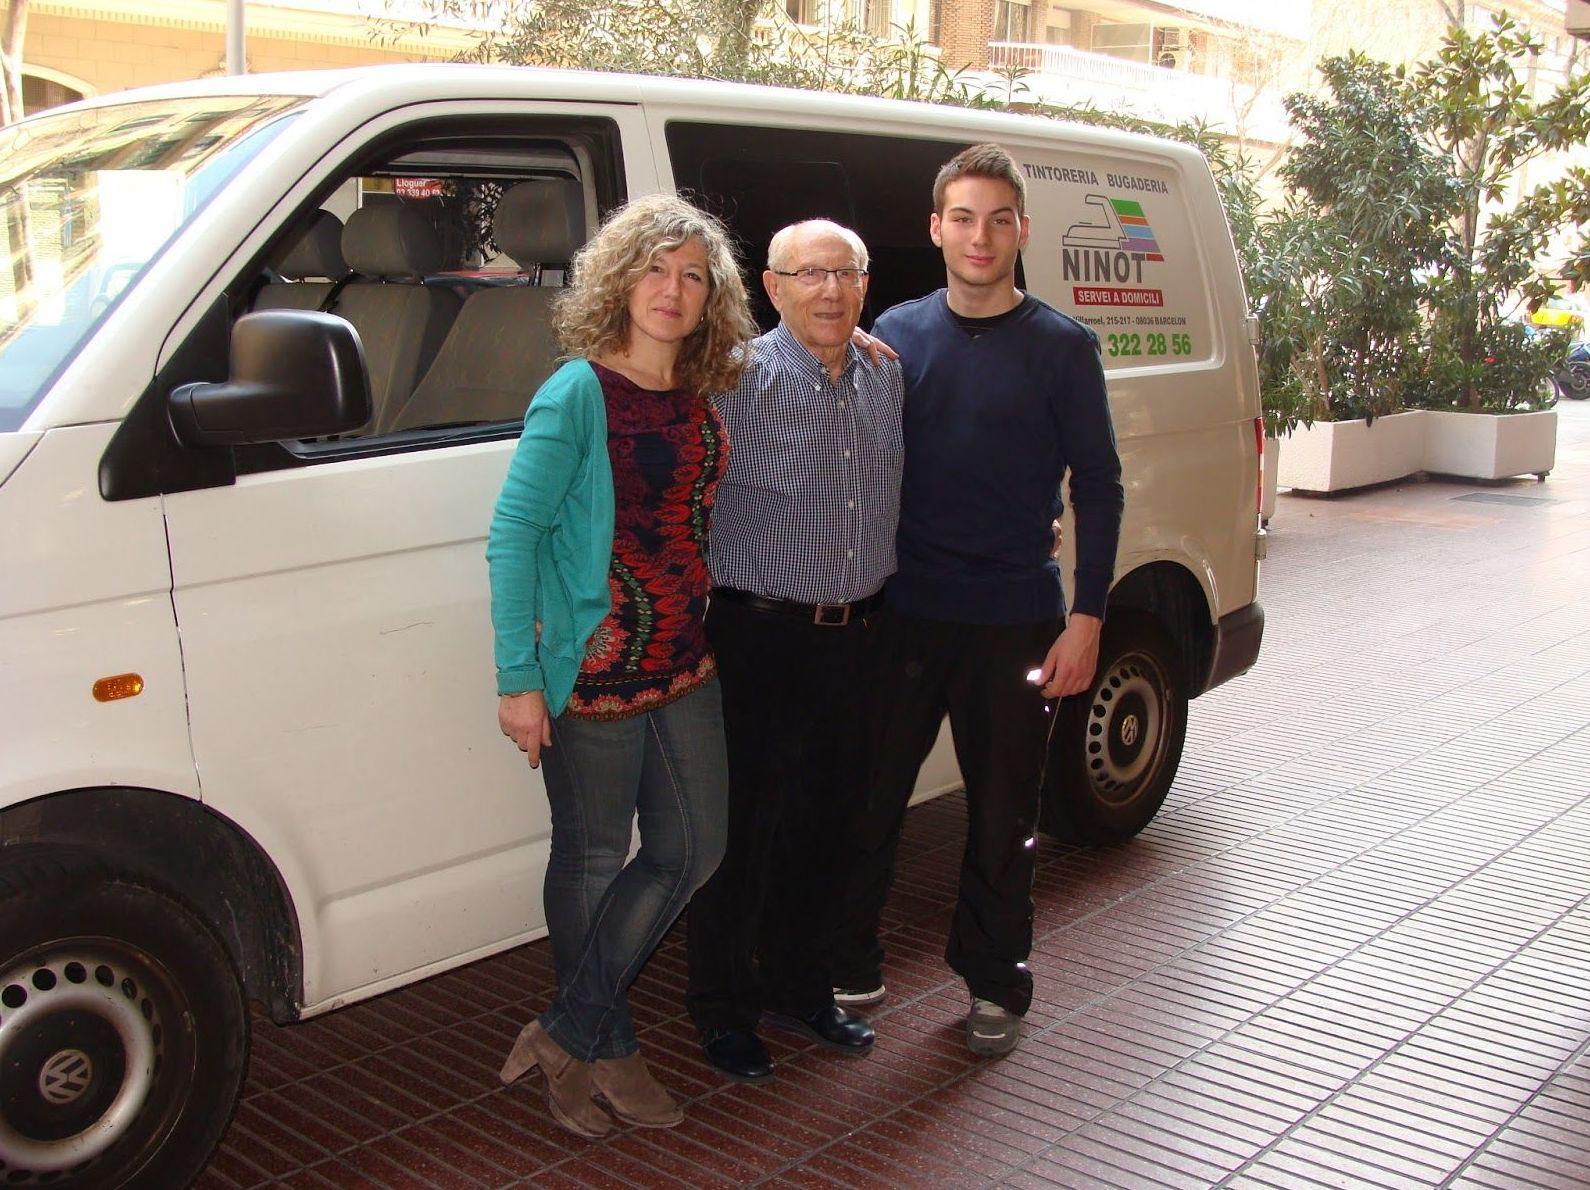 *Tintorerías en Eixample Barcelona|Tintoreria Bugaderia Ninot